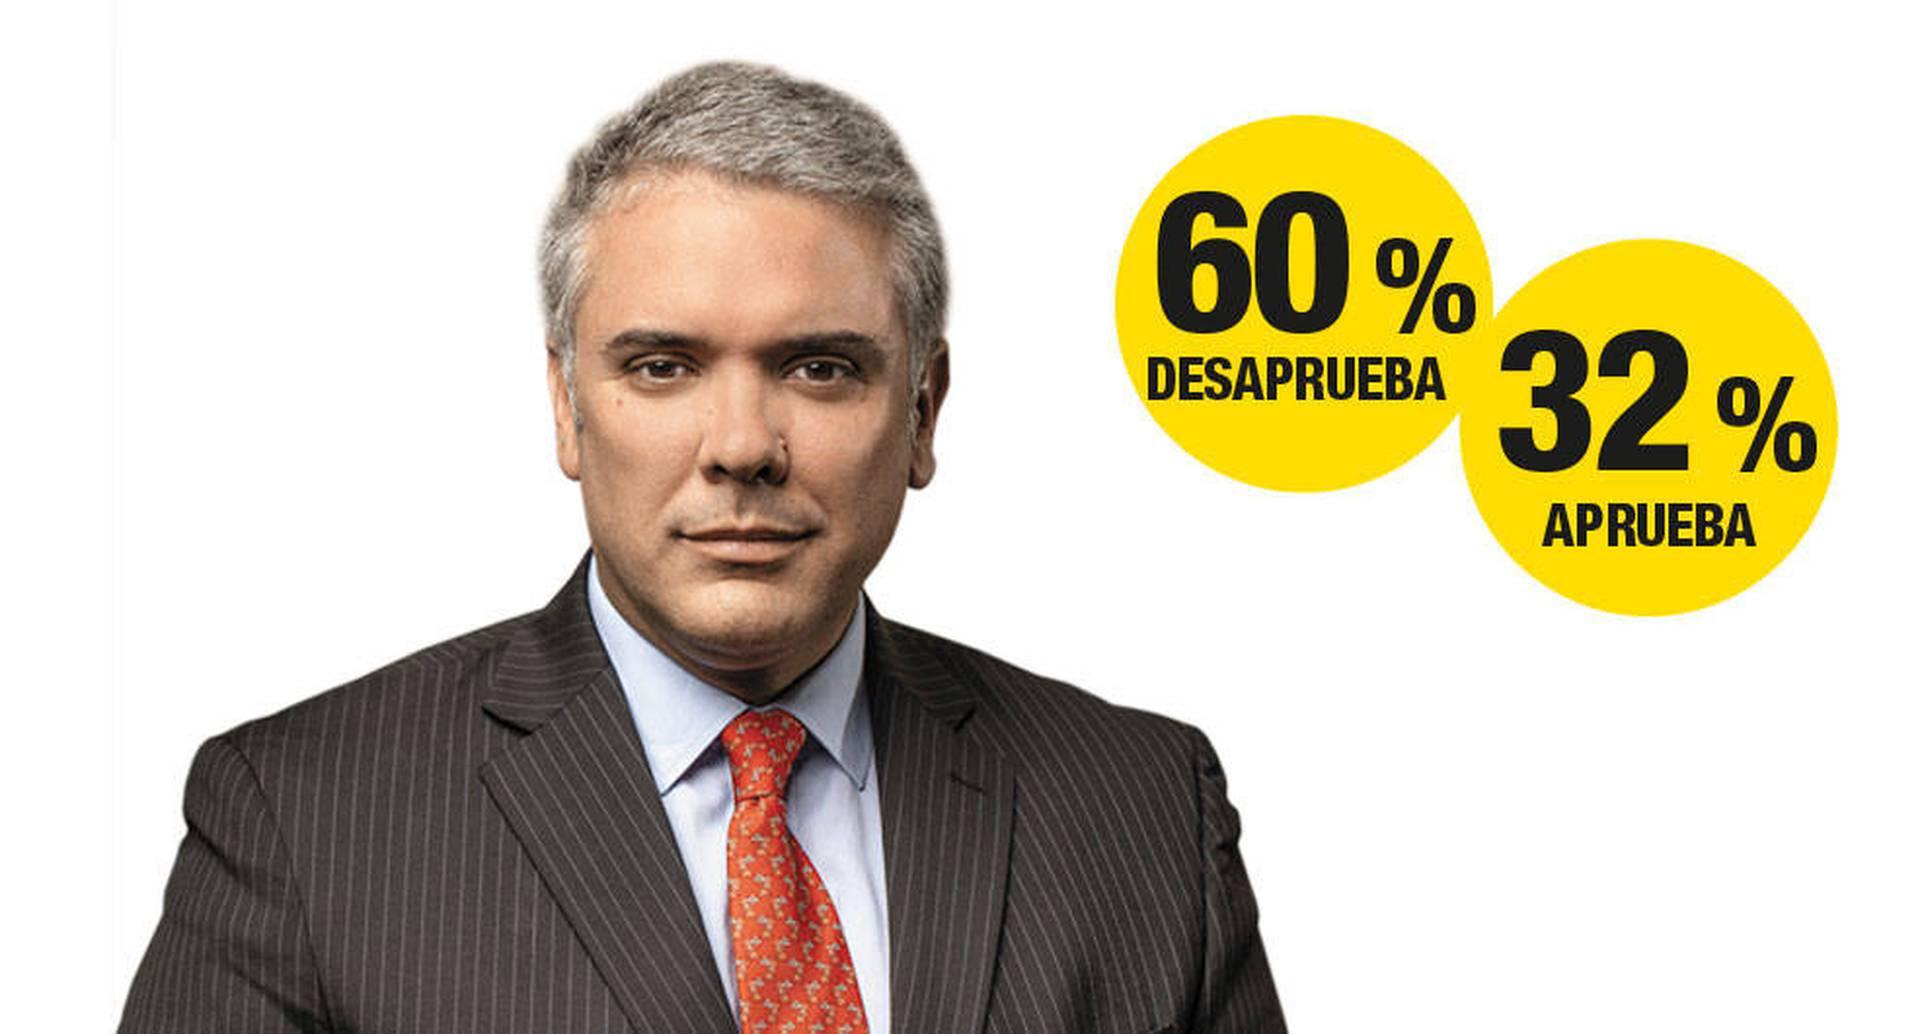 El 60& de los encuestados desaprobaron la gestión de Duque